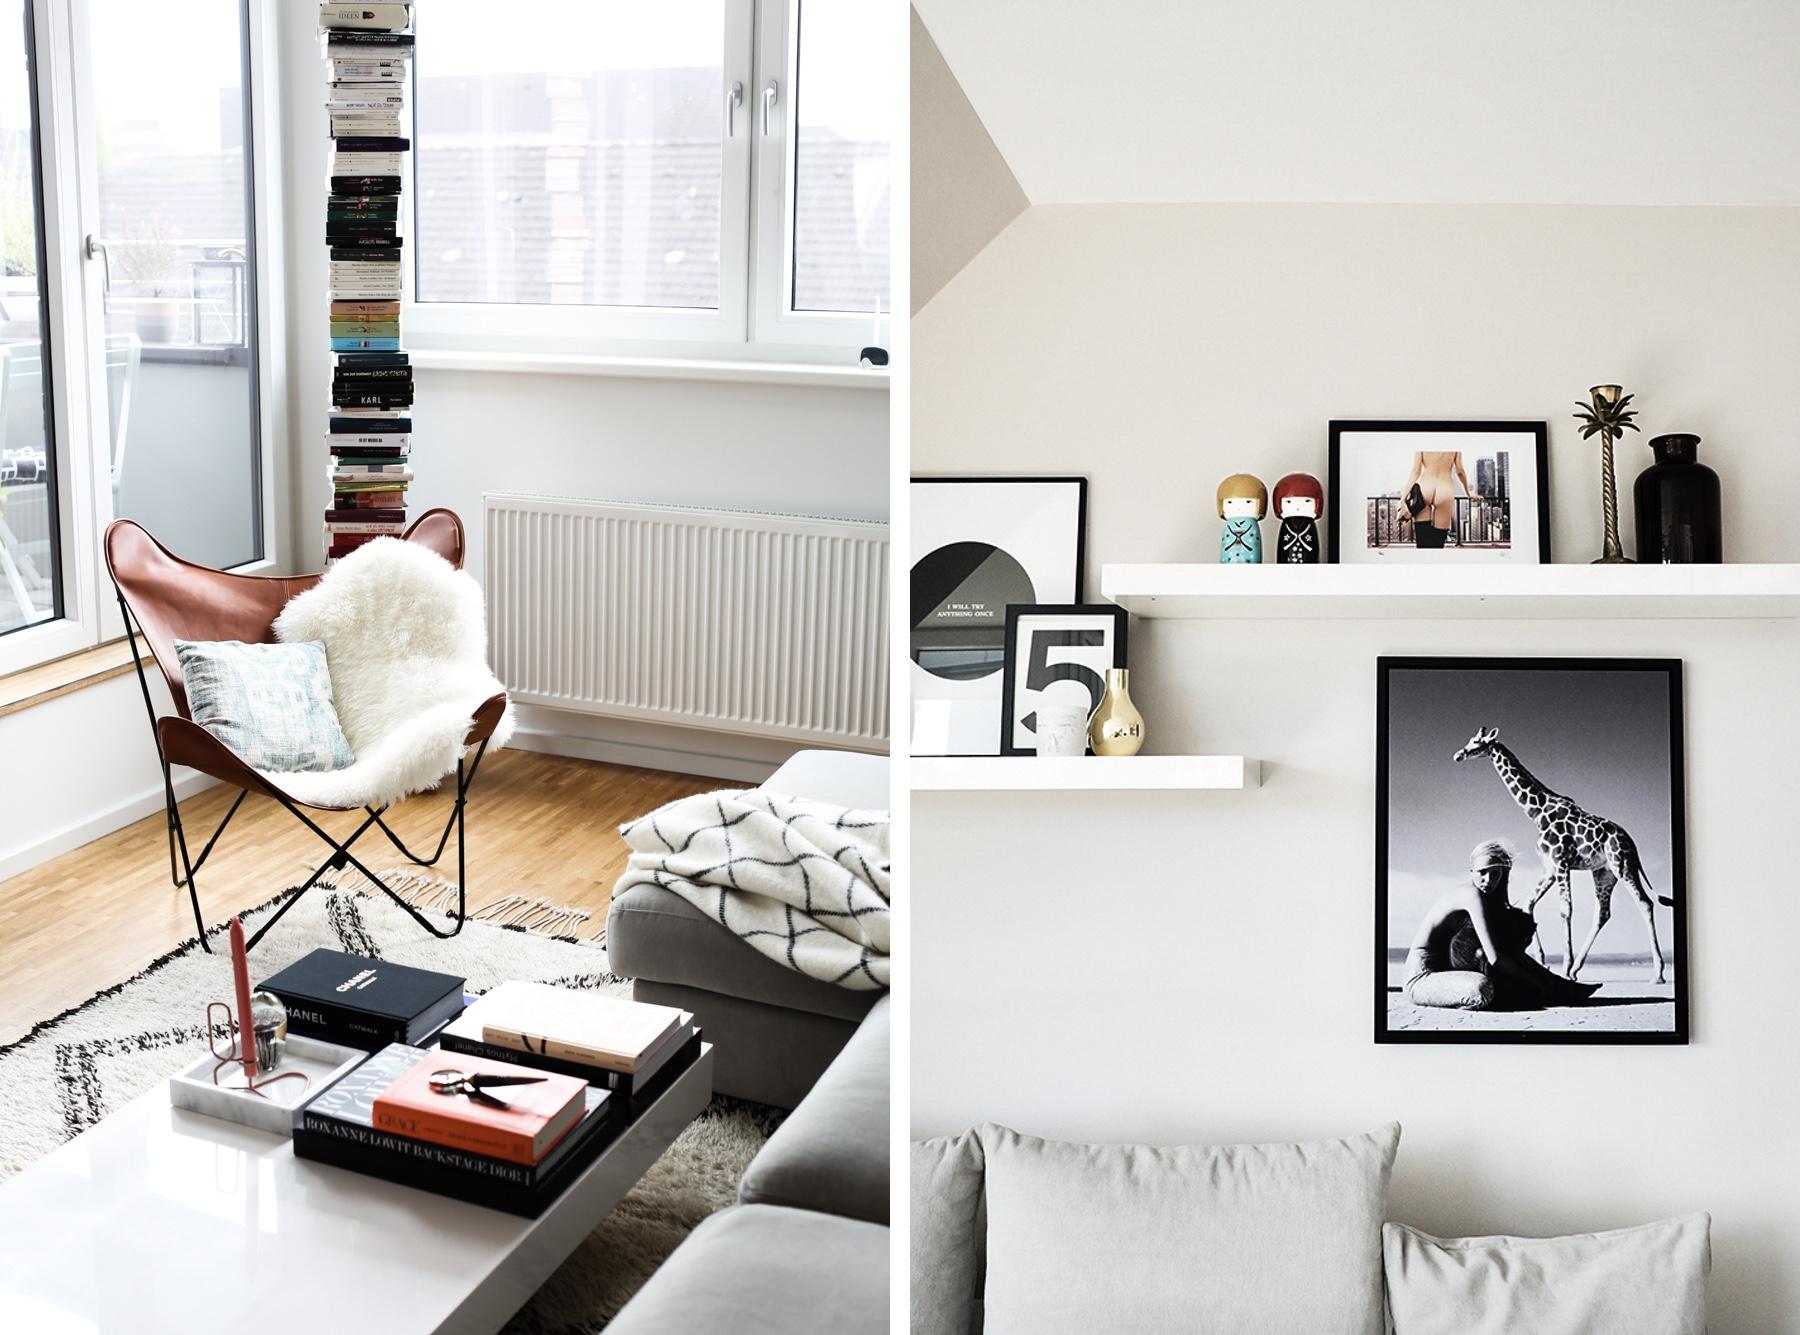 lange schmale k che einrichten ligurische k che wasserhahn in anschlie en outdoor indu gl serne. Black Bedroom Furniture Sets. Home Design Ideas